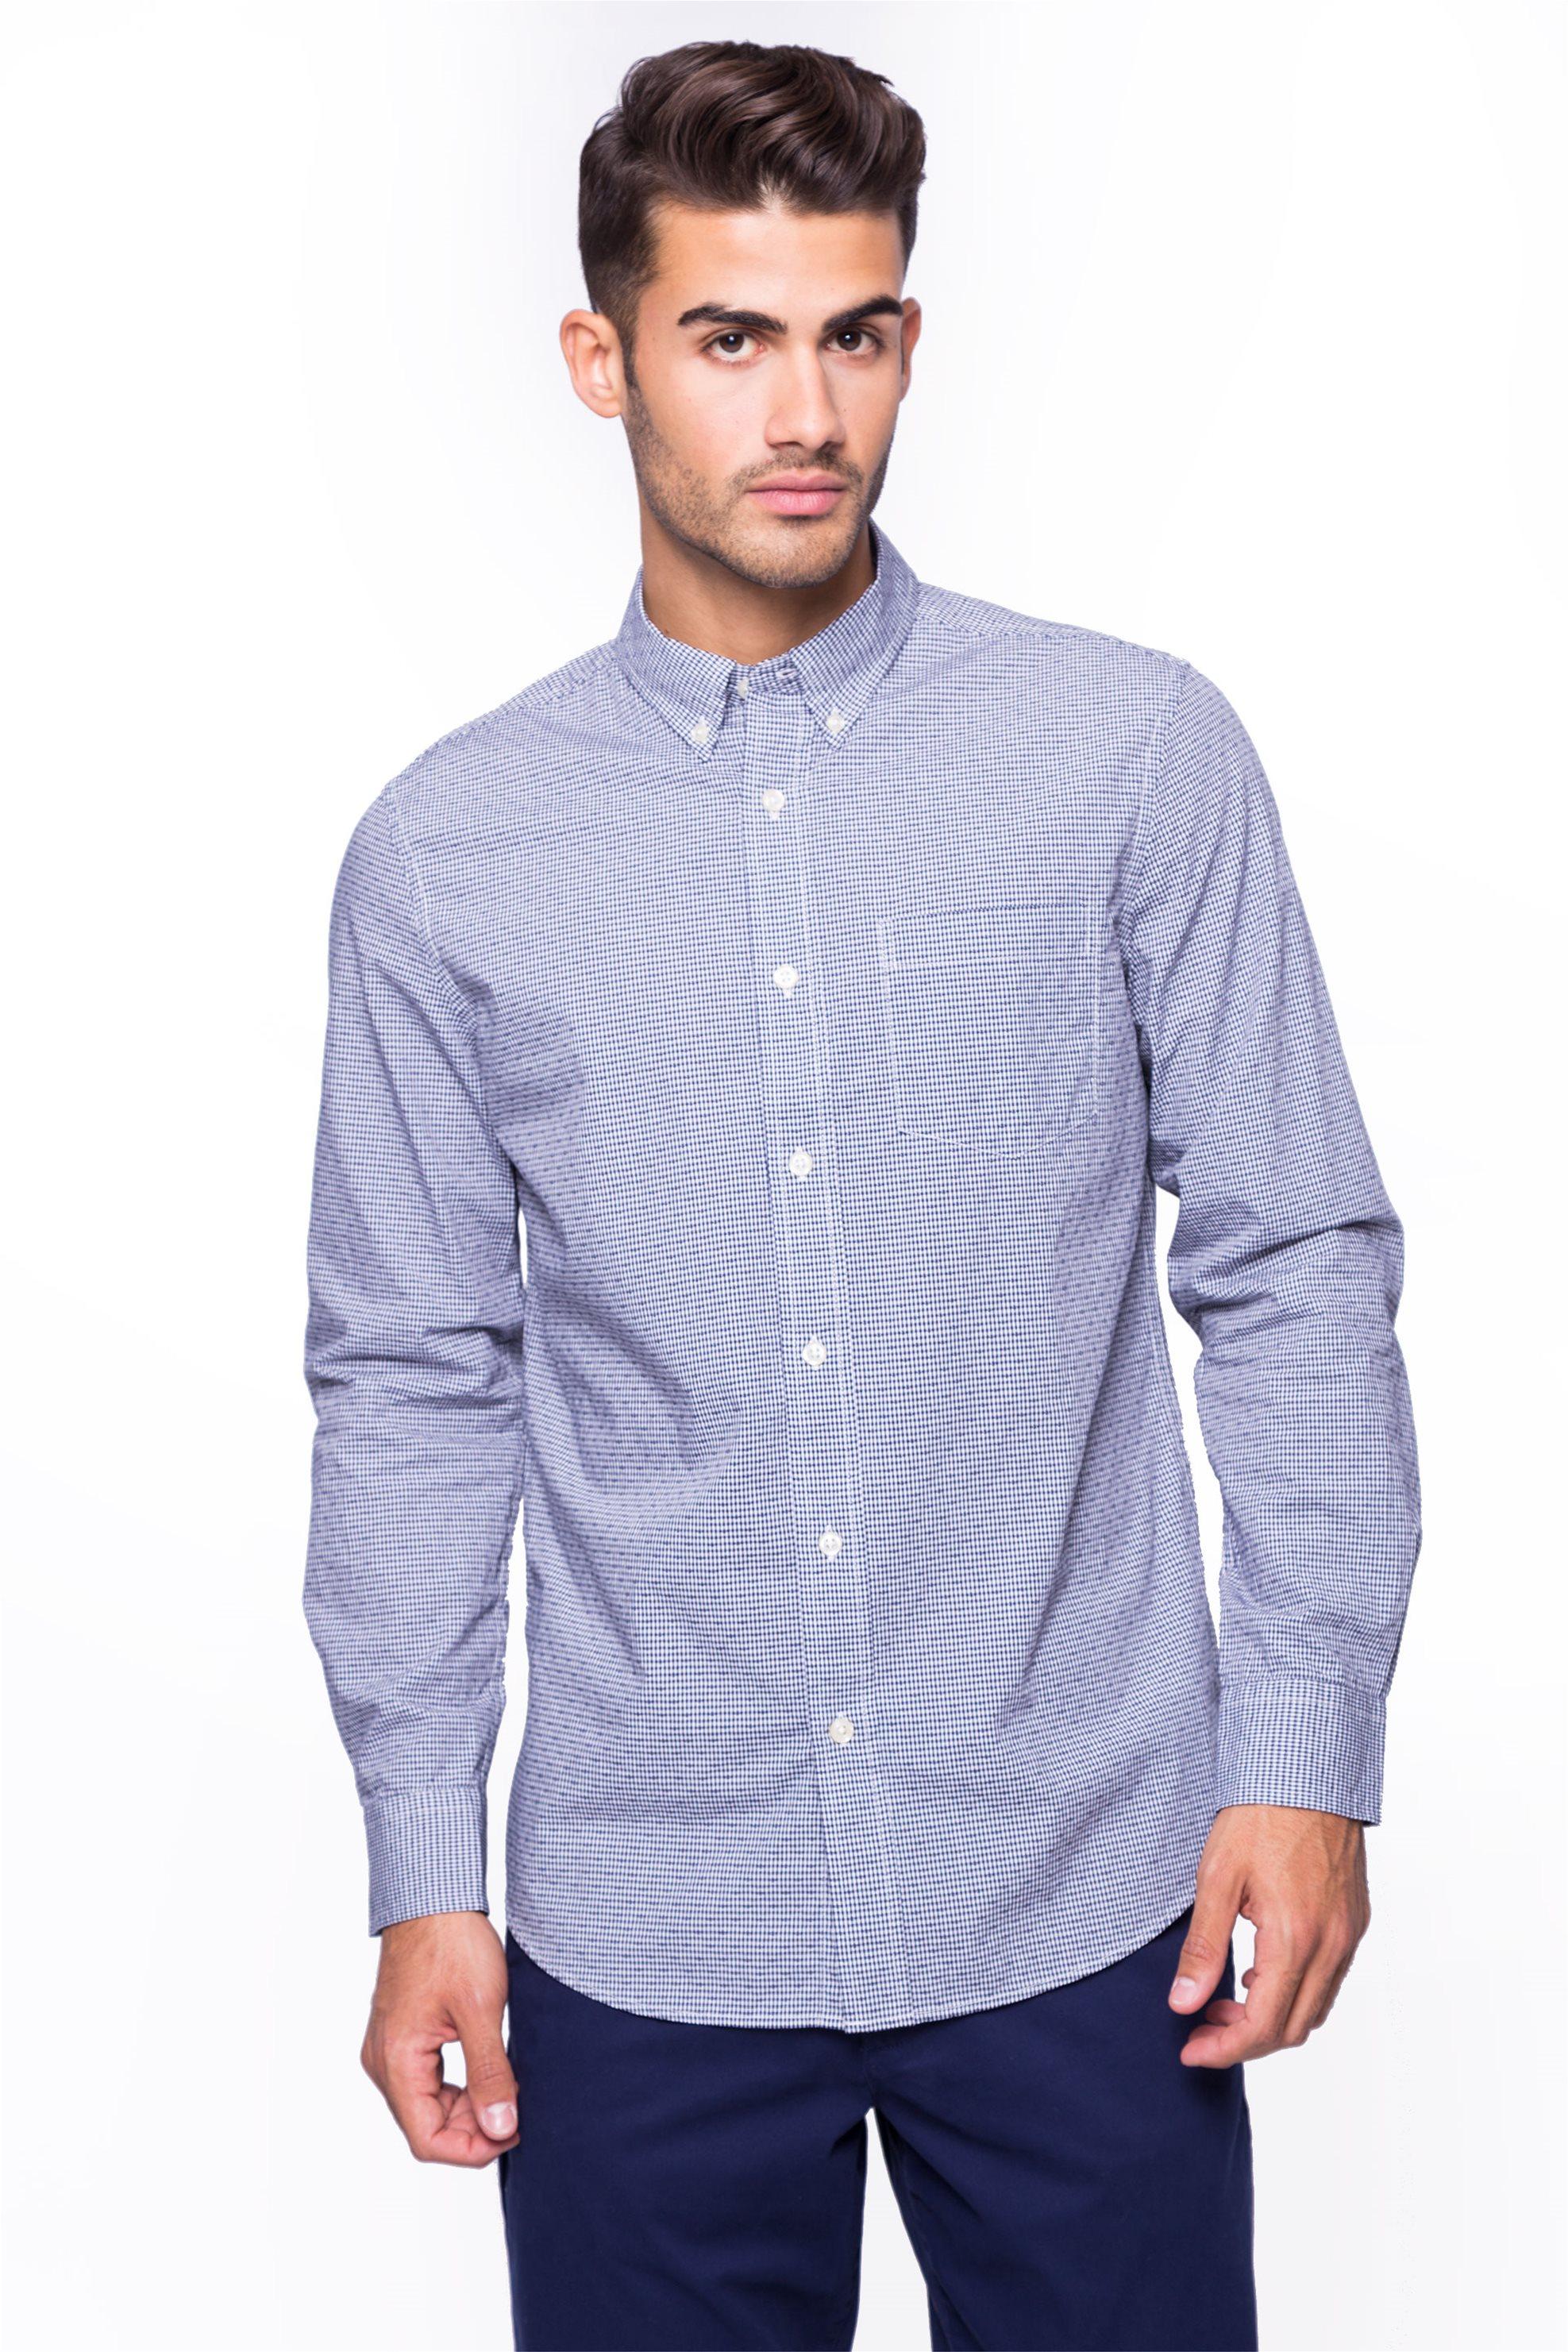 Ανδρικό πουκάμισο Chaps - 750662257001 - Μπλε ανδρασ   ρουχα   πουκάμισα   casual